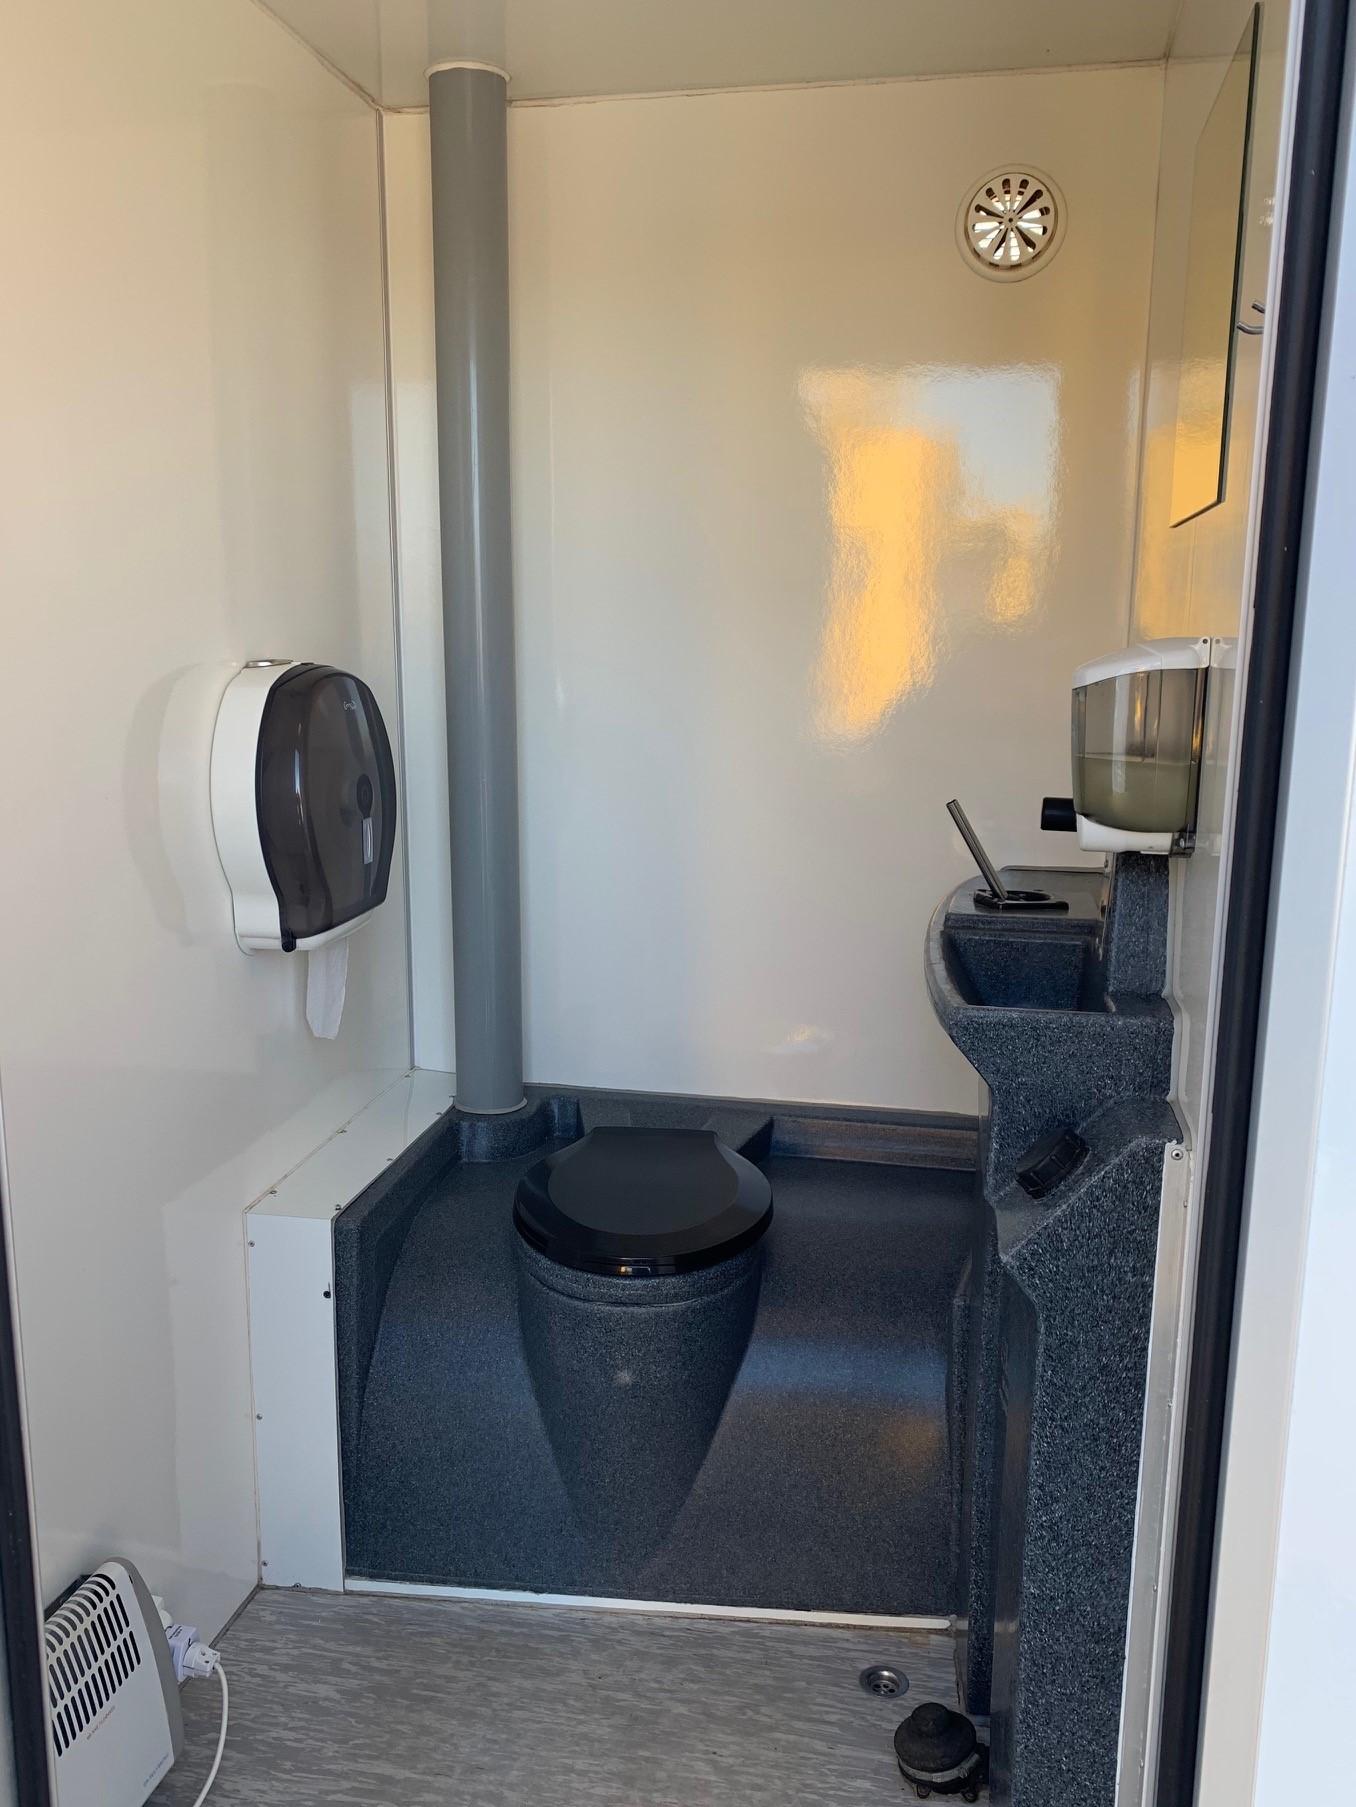 Toiletvogn med 2 toiletter